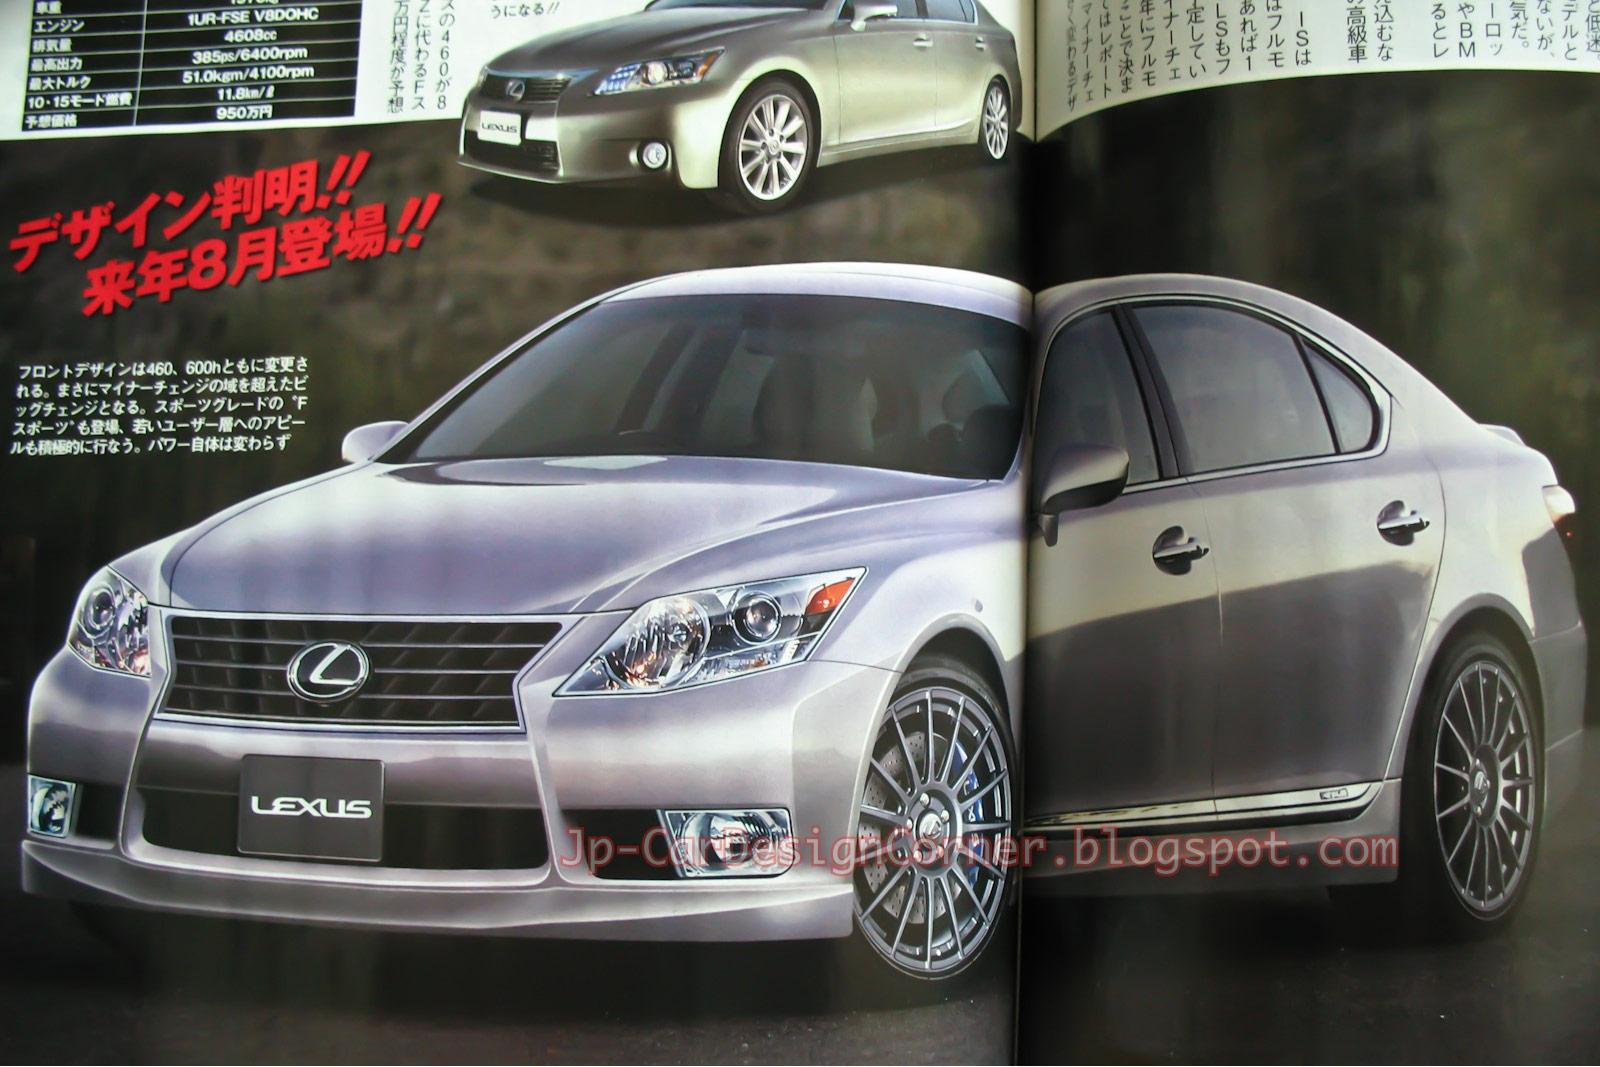 2013 Lexus 460 L